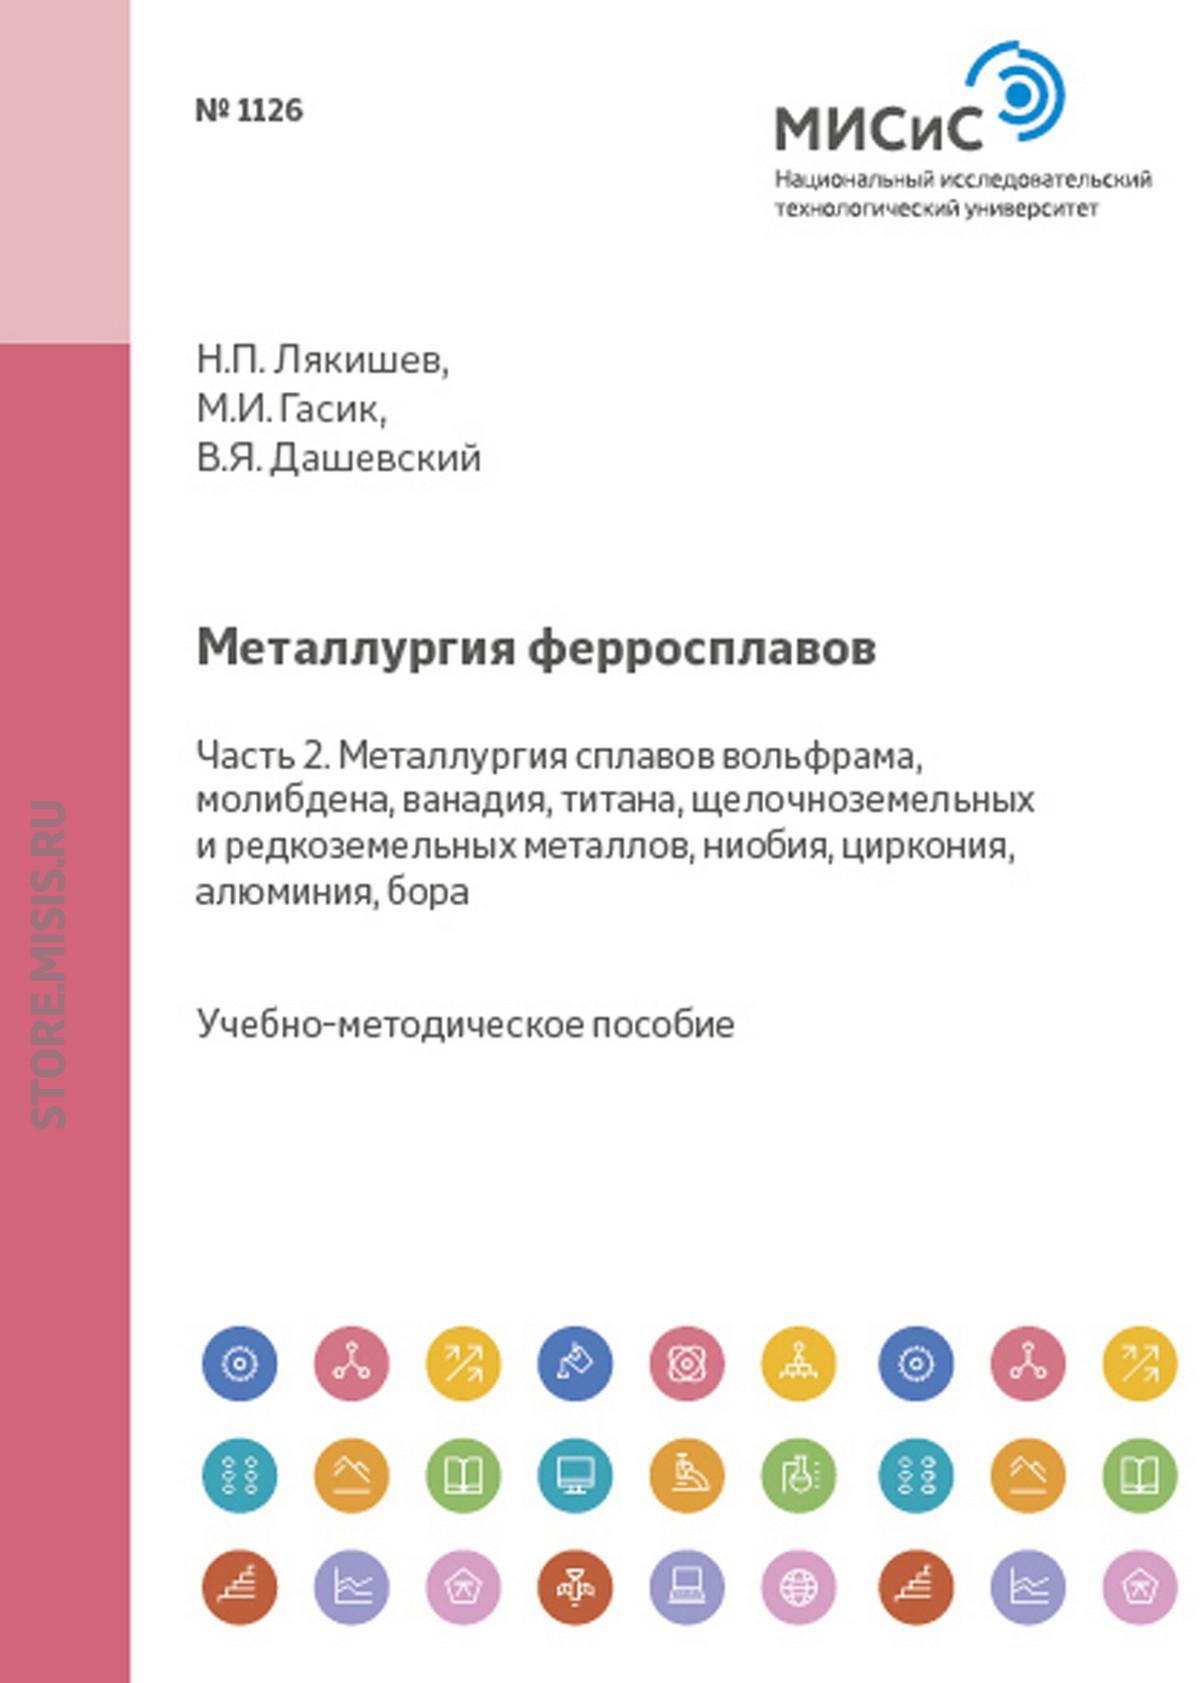 Николай Лякишев Металлургия ферросплавов. Часть 2. Металлургия сплавов вольфрама, молибдена, ванадия, титана, щелочноземельных и редкоземельных металлов, ниобия, циркония, алюминия, бора